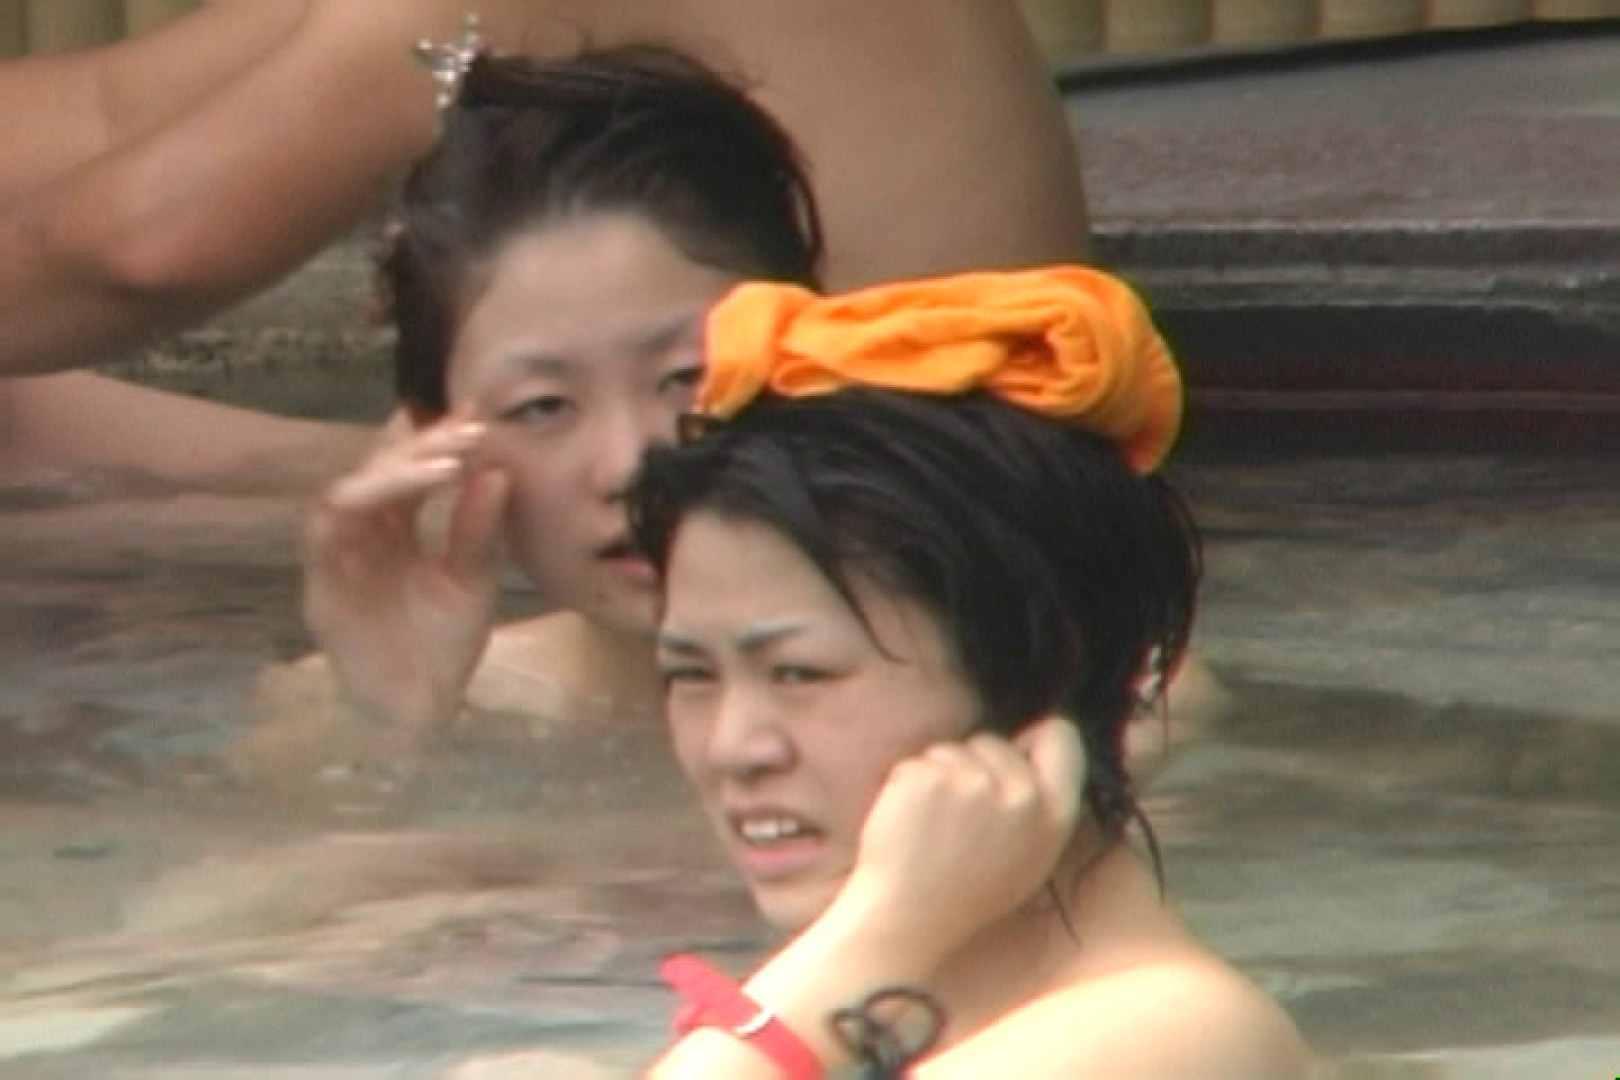 Aquaな露天風呂Vol.40【VIP】 OLのエロ生活 濡れ場動画紹介 39連発 32